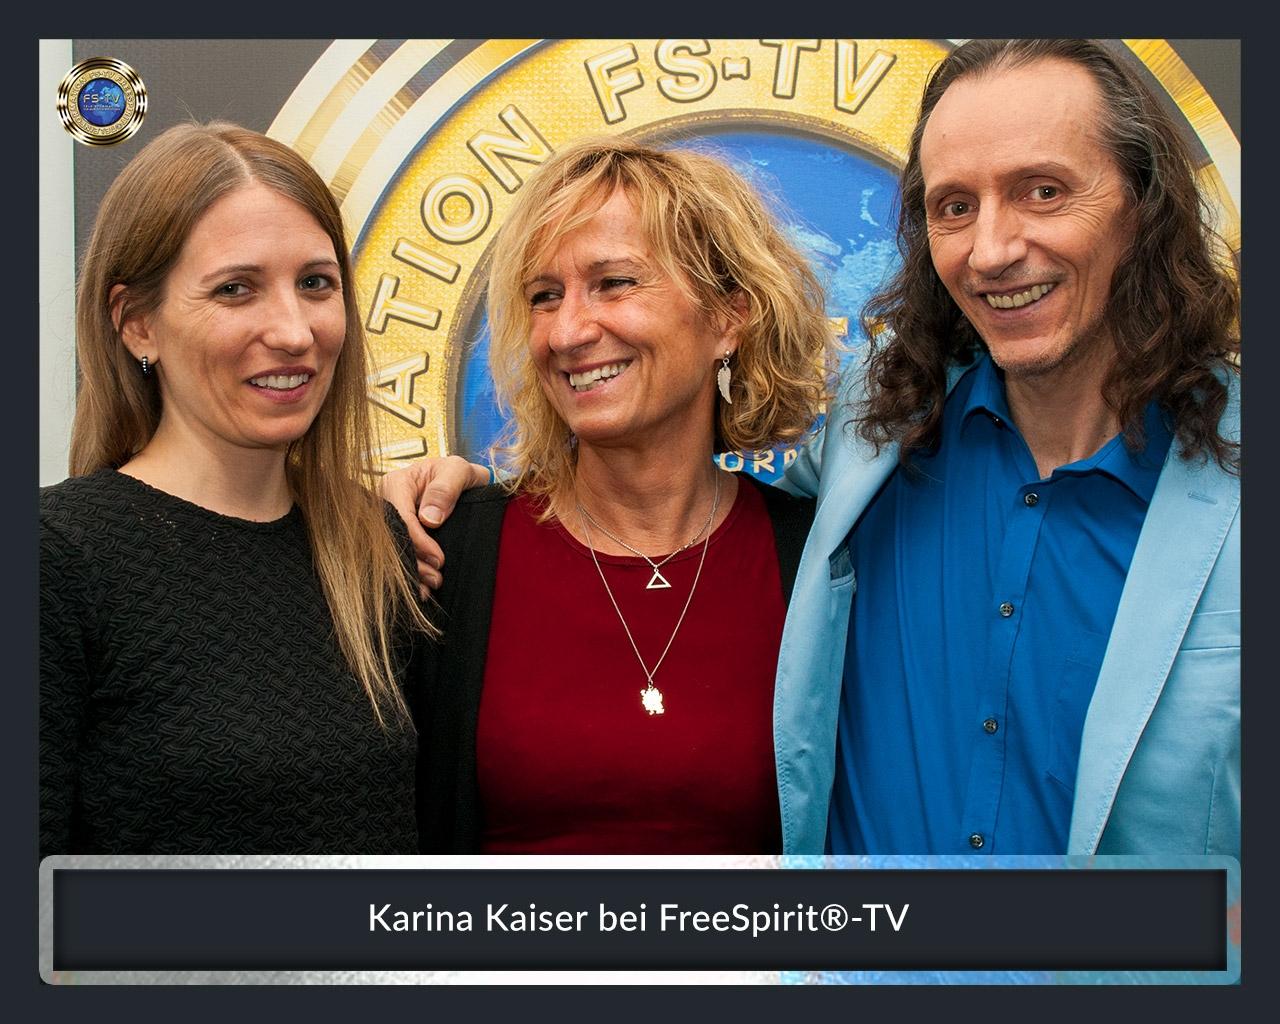 FS-TV-Bildergallerie-Karina-Kaiser-4